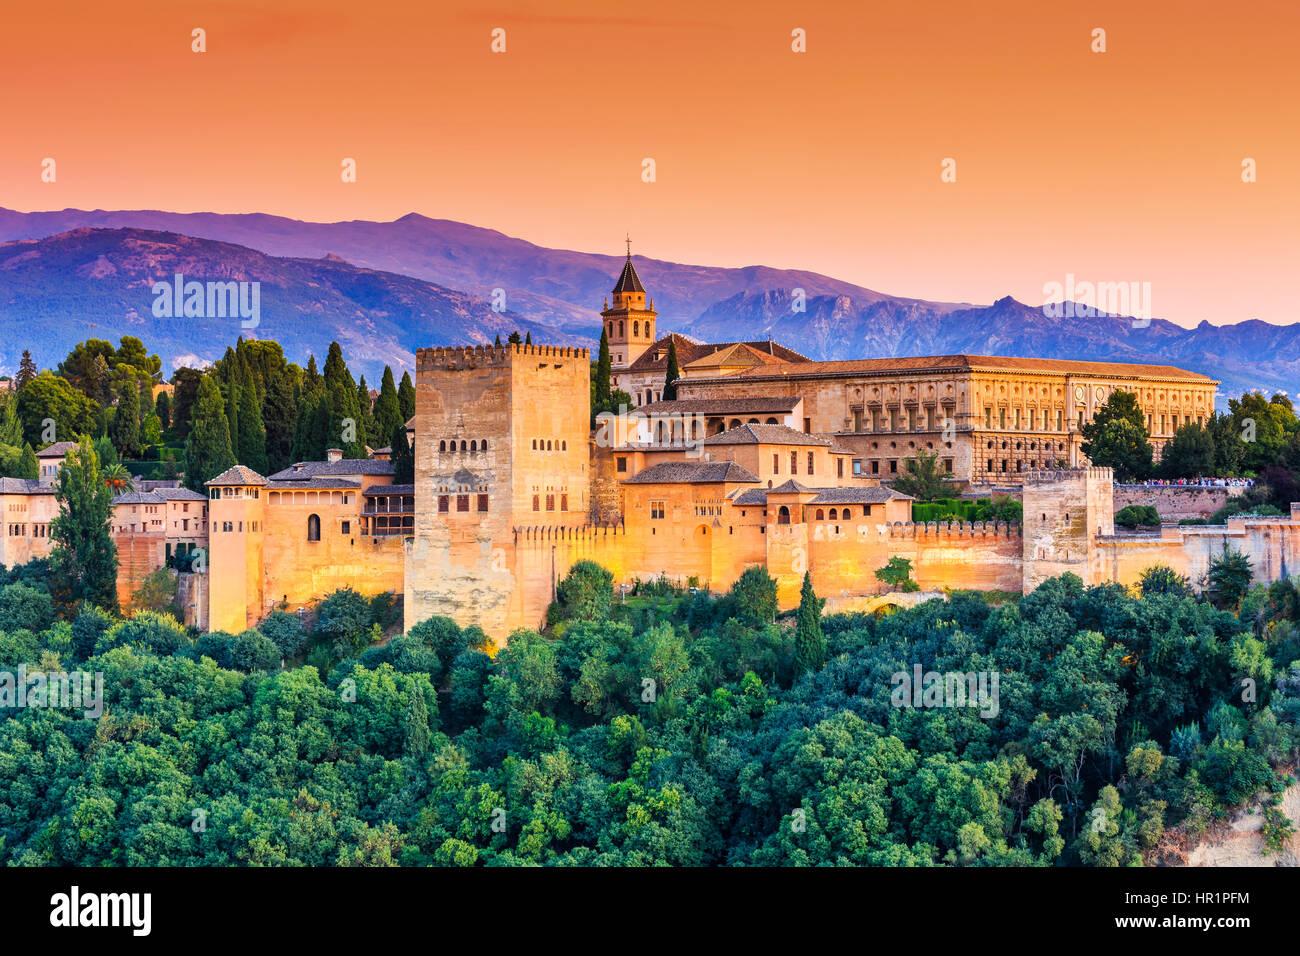 Alhambra di Granada, Spagna. Alhambra fortezza al tramonto. Immagini Stock